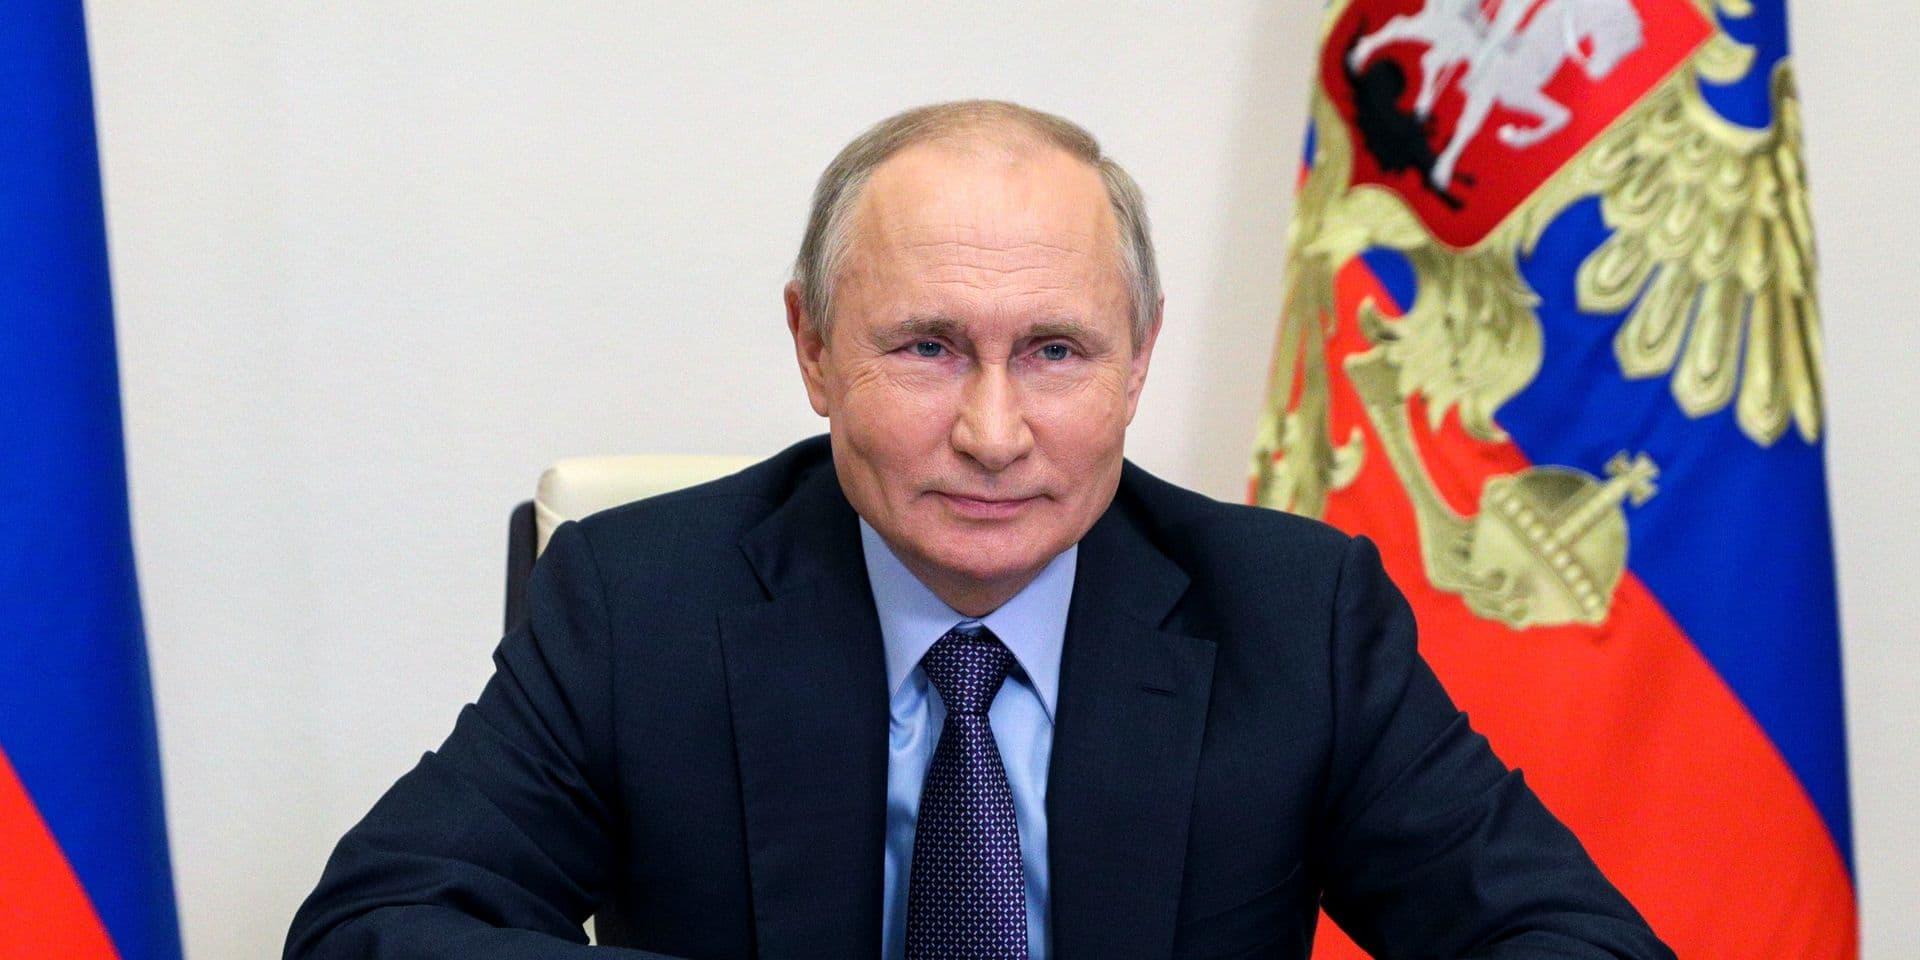 Poutine inaugure une usine de traitement de gaz à plus de 11 mds EUR près de la Chine